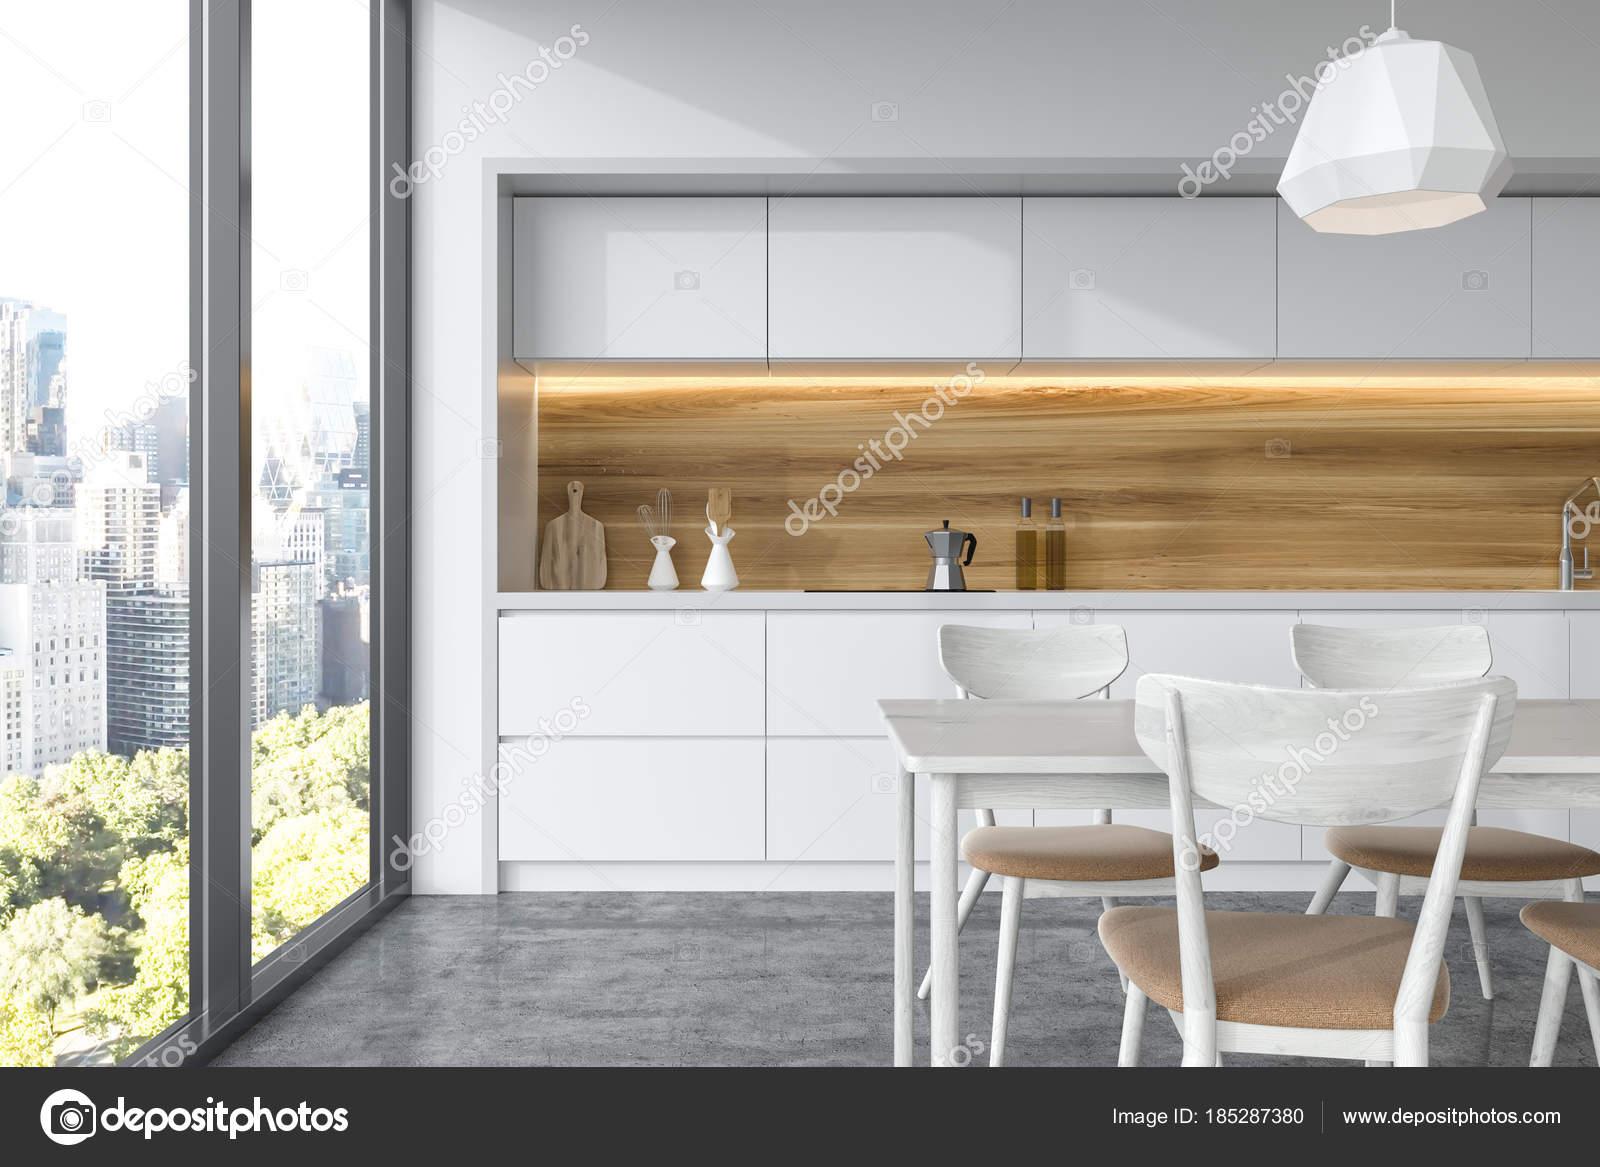 Tavolo Cucina Bianco Legno.Tavolo Bianco In Legno In Una Cucina Bianca Foto Stock